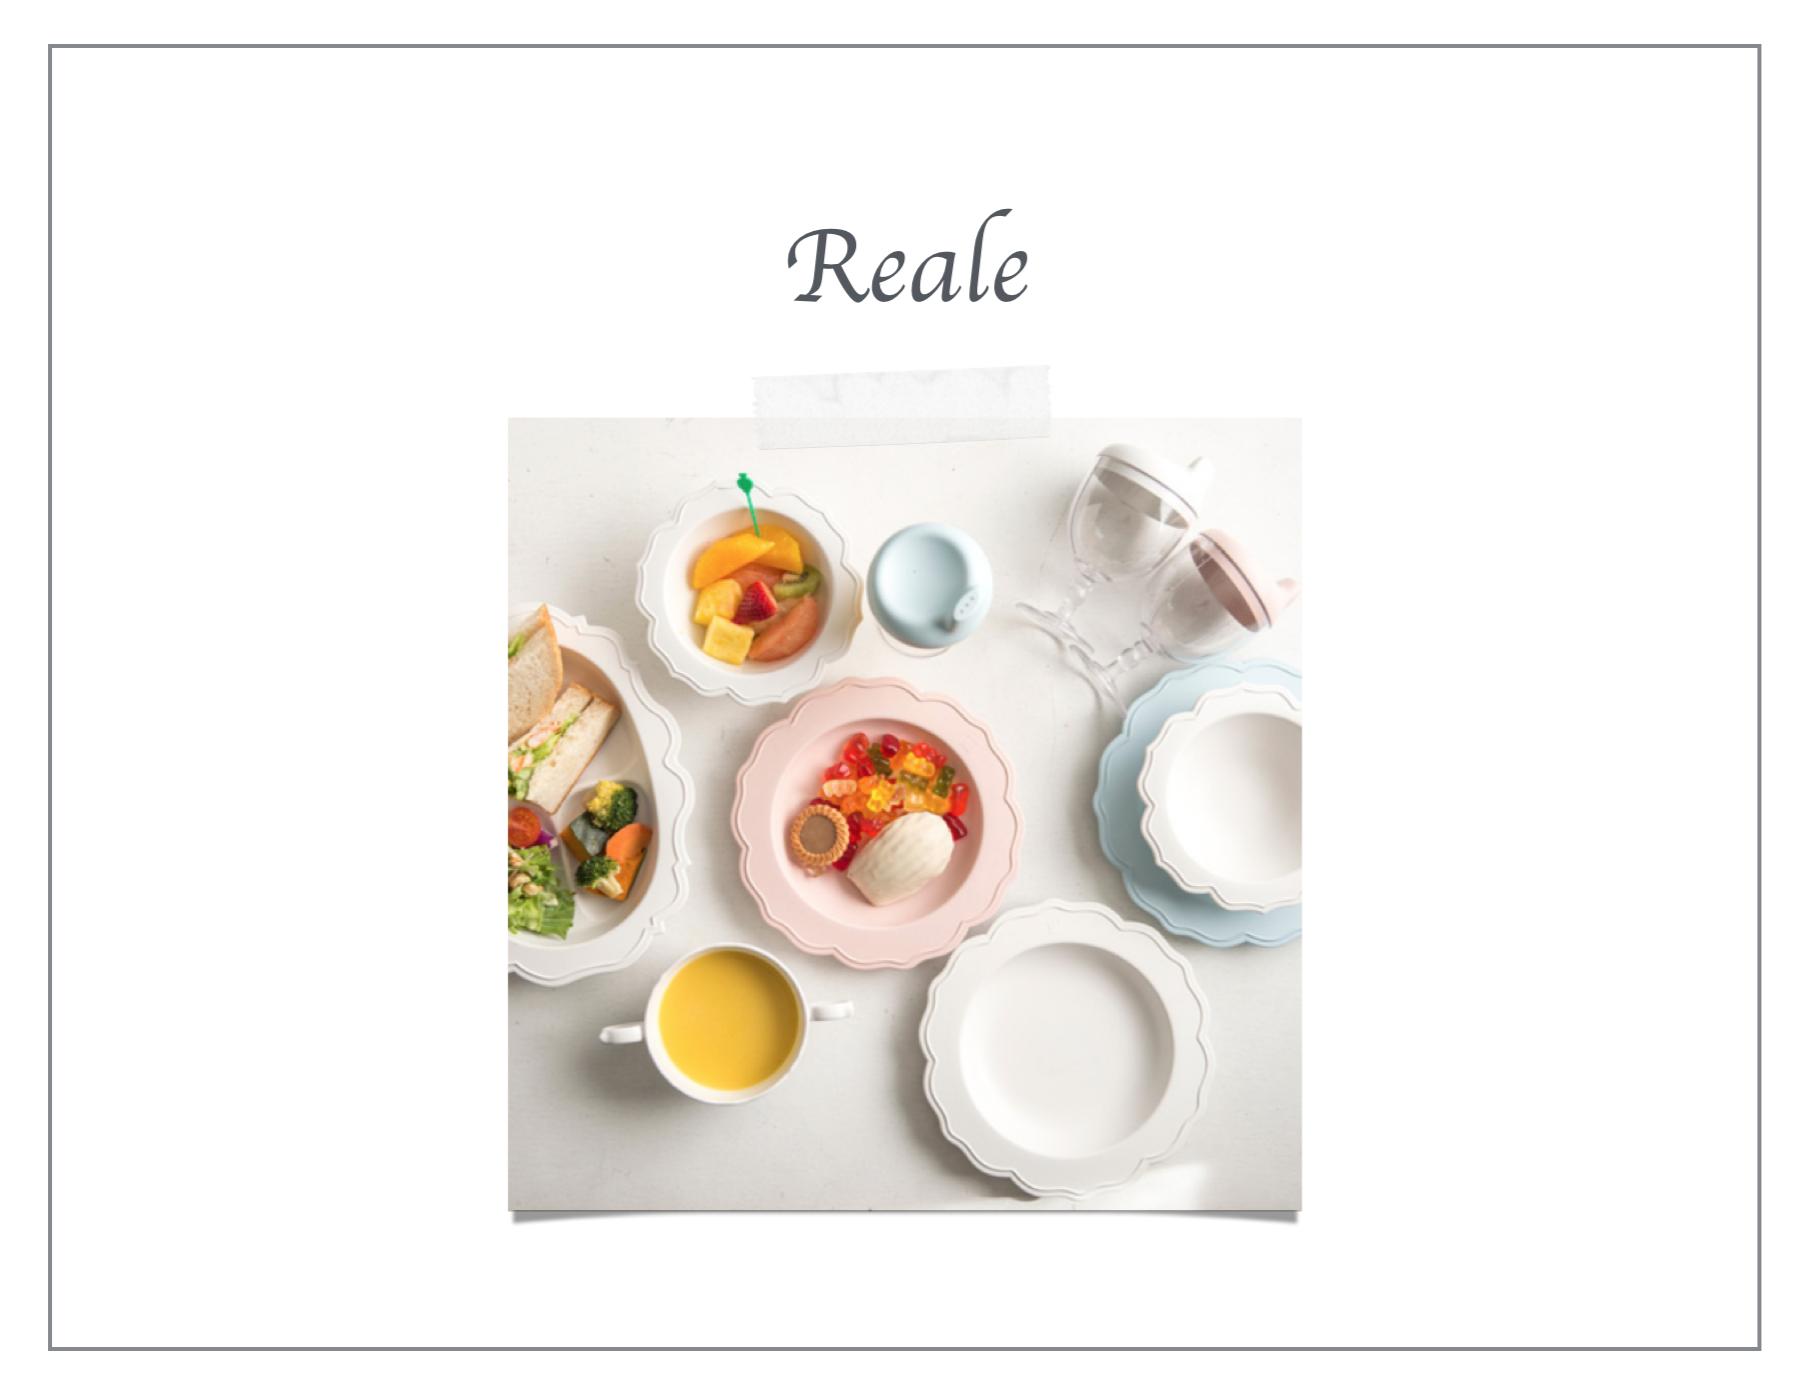 レアーレのベビー食器